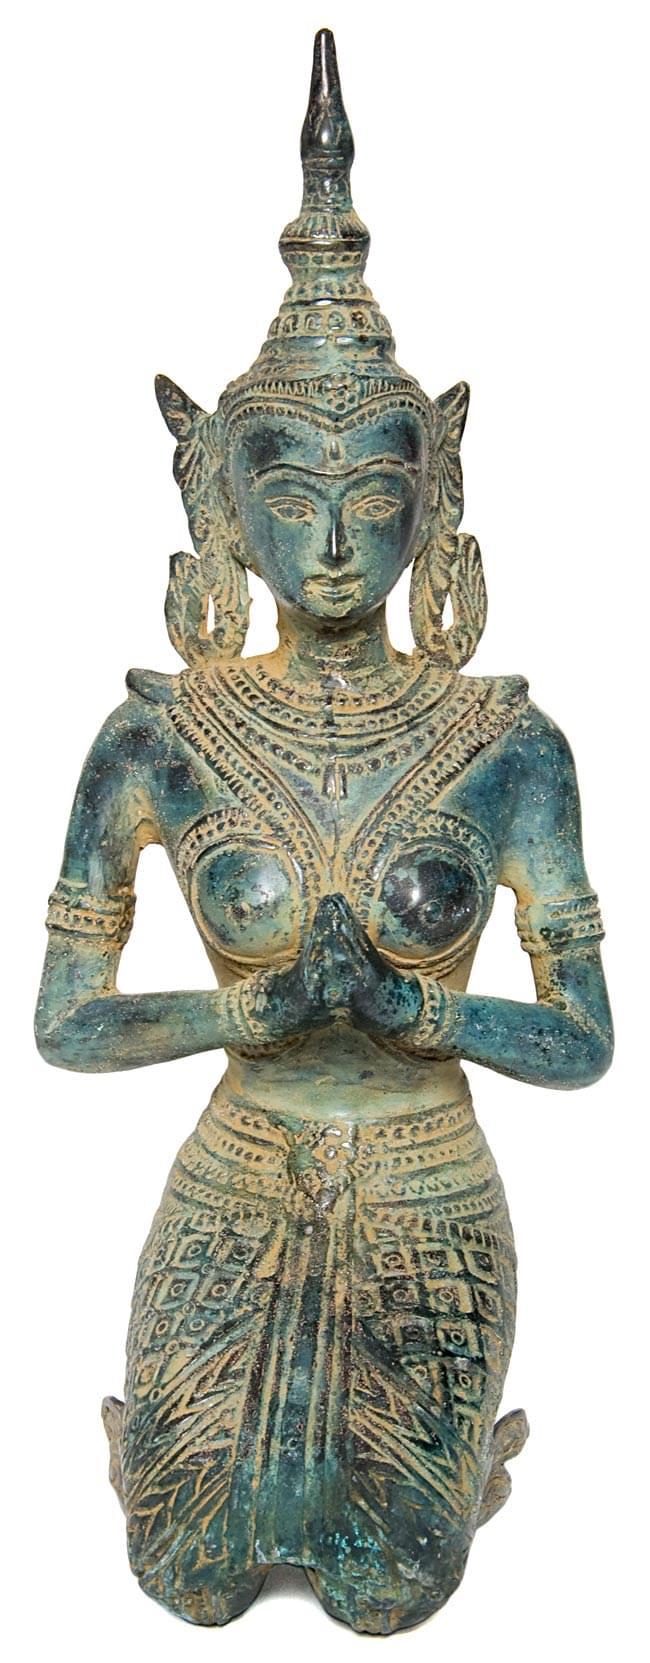 タイの神様像(31.9cm)の写真